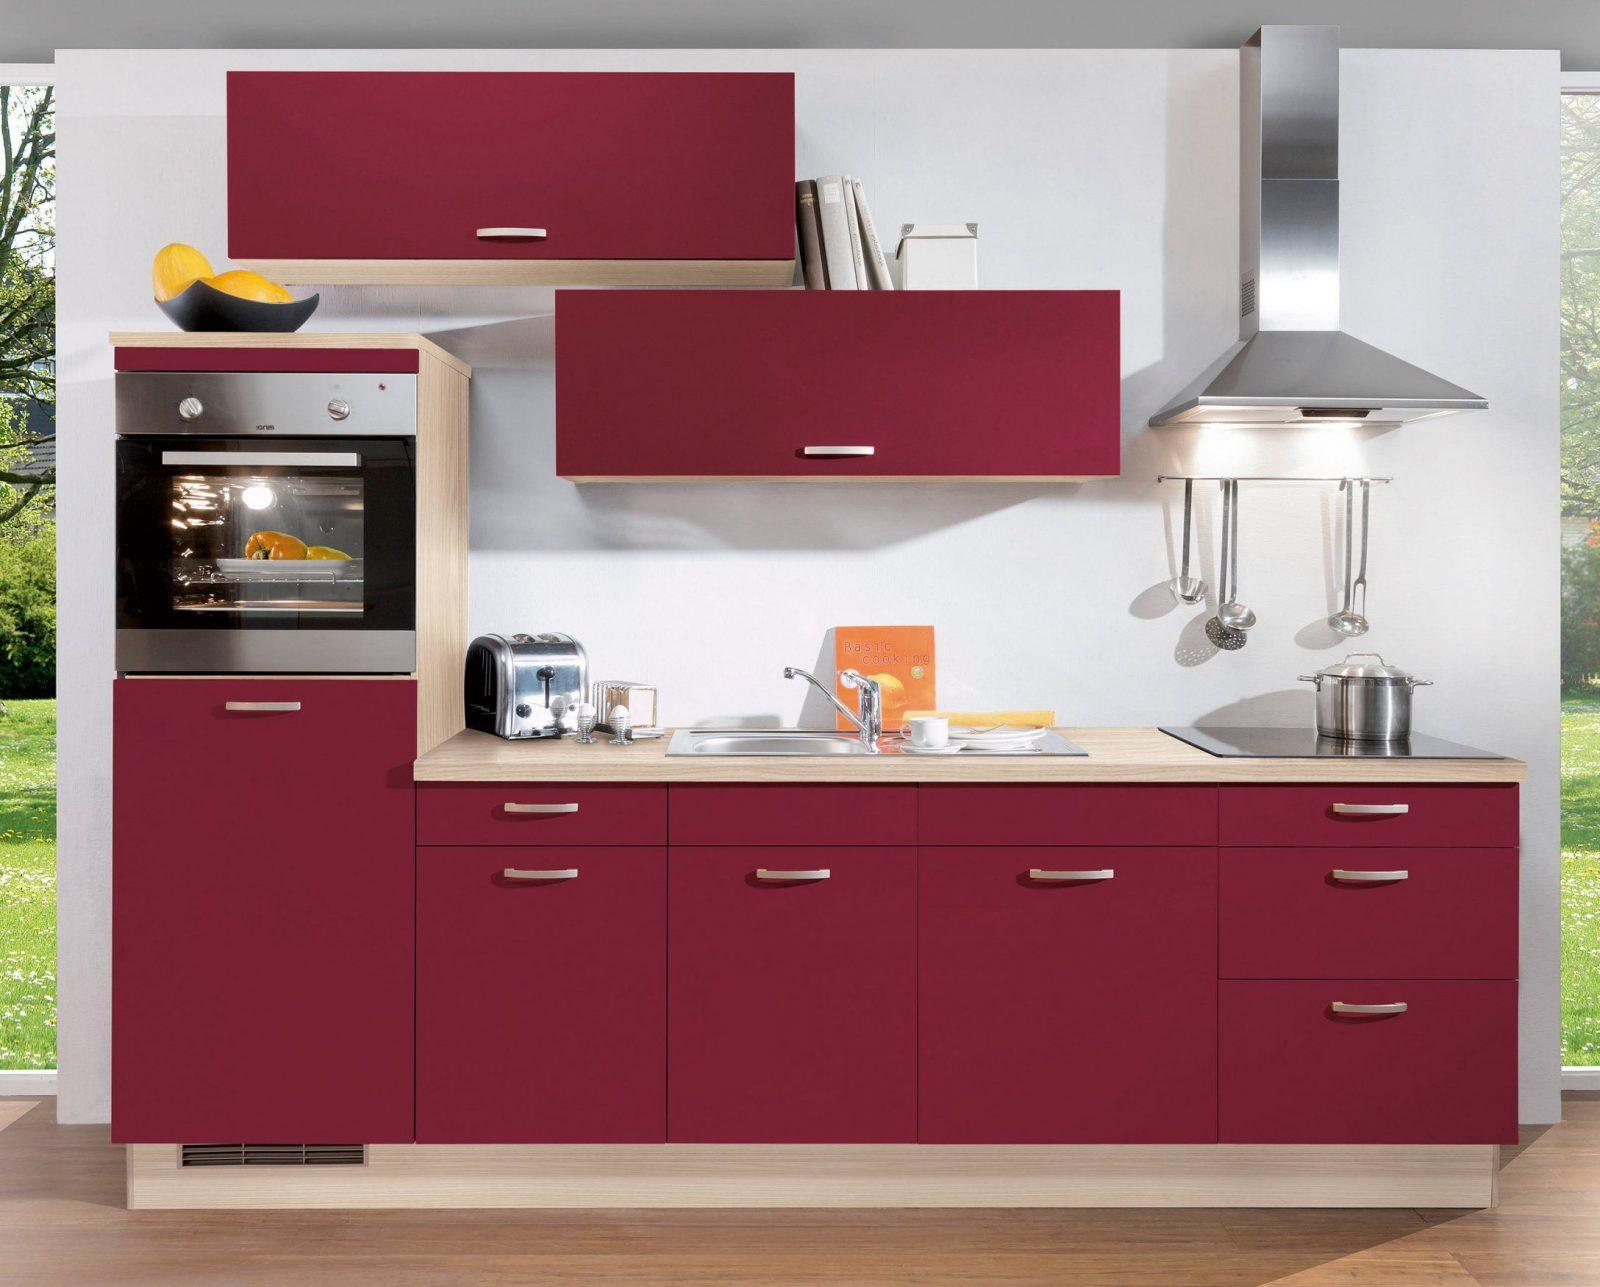 Kuchee Montieren Kuchen Munchen Miten Unter Euro Idealo Set Gunstig von Küchenzeile 280 Cm Mit Elektrogeräten Günstig Bild